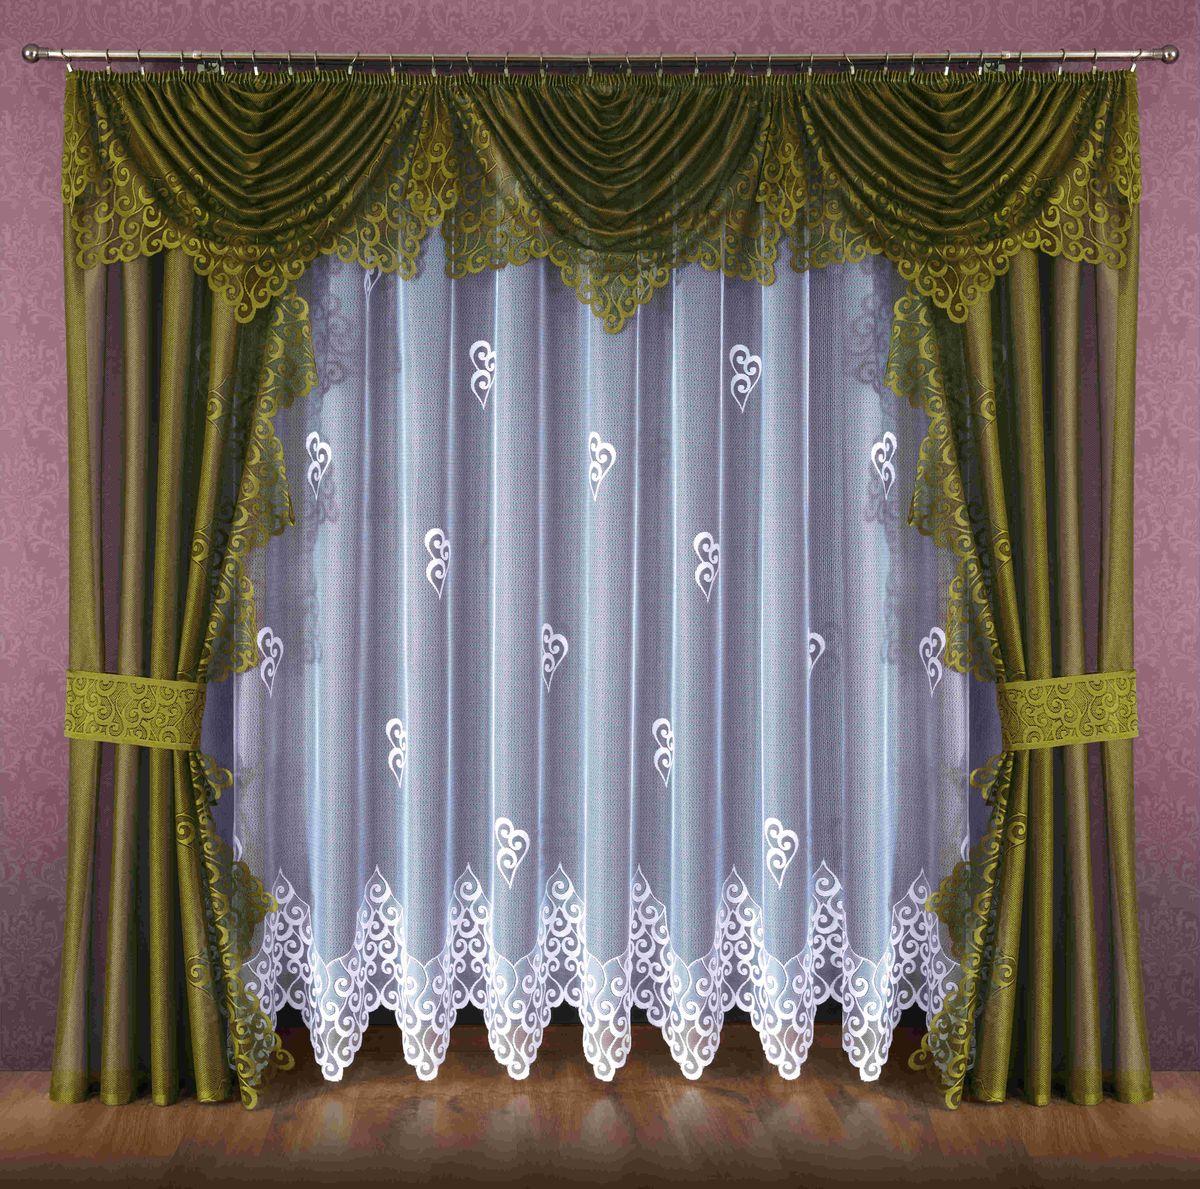 Комплект штор Wisan Ludmila, на ленте, цвет: белый, оливковый, высота 250 смGC013/00Комплект штор Wisan Ludmila выполненный из полиэстера, великолепно украсит любое окно. В комплект входят 2 шторы, тюль, ламбрекен и 2 подхвата. Кружевной орнамент придает комплекту особый стиль и шарм. Тонкое плетение, нежная цветовая гамма и роскошное исполнение - все это делает шторы Wisan Ludmila замечательным дополнением интерьера помещения.Комплект оснащен шторной лентой для красивой сборки. В комплект входит: Штора - 2 шт. Размер (ШхВ): 140 см х 250 см.Тюль - 1 шт. Размер (ШхВ): 400 см х 250 см. Ламбрекен - 1 шт. Размер (ШхВ): 440 см х 135 см. Подхват - 2 шт.Фирма Wisan на польском рынке существует уже более пятидесяти лет и является одной из лучших польских фабрик по производству штор и тканей. Ассортимент фирмы представлен готовыми комплектами штор для гостиной, детской, кухни, а также текстилем для кухни (скатерти, салфетки, дорожки, кухонные занавески). Модельный ряд отличает оригинальный дизайн, высокое качество. Ассортимент продукции постоянно пополняется.